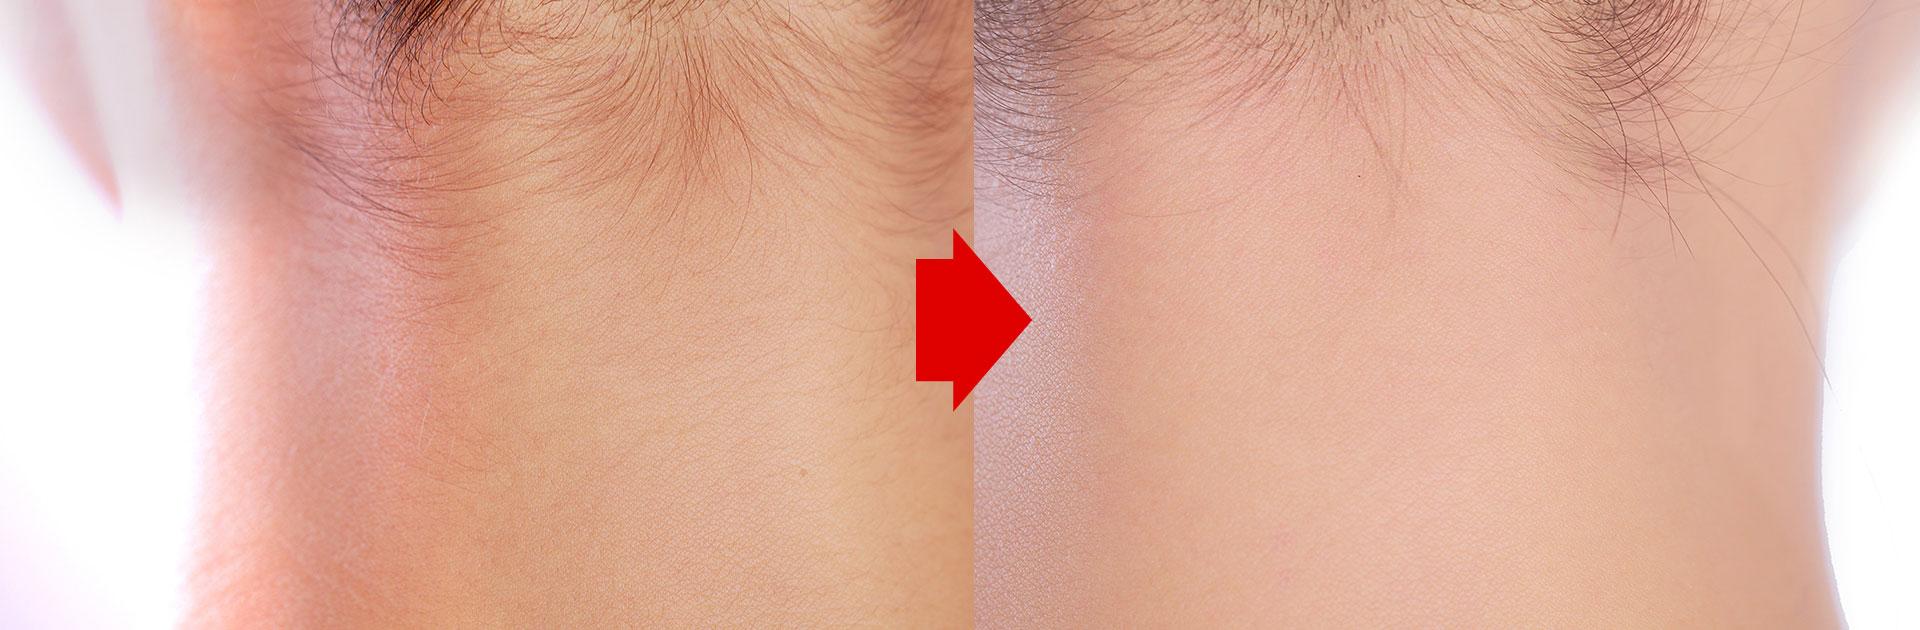 うなじのワックス脱毛前と後の比較画像拡大